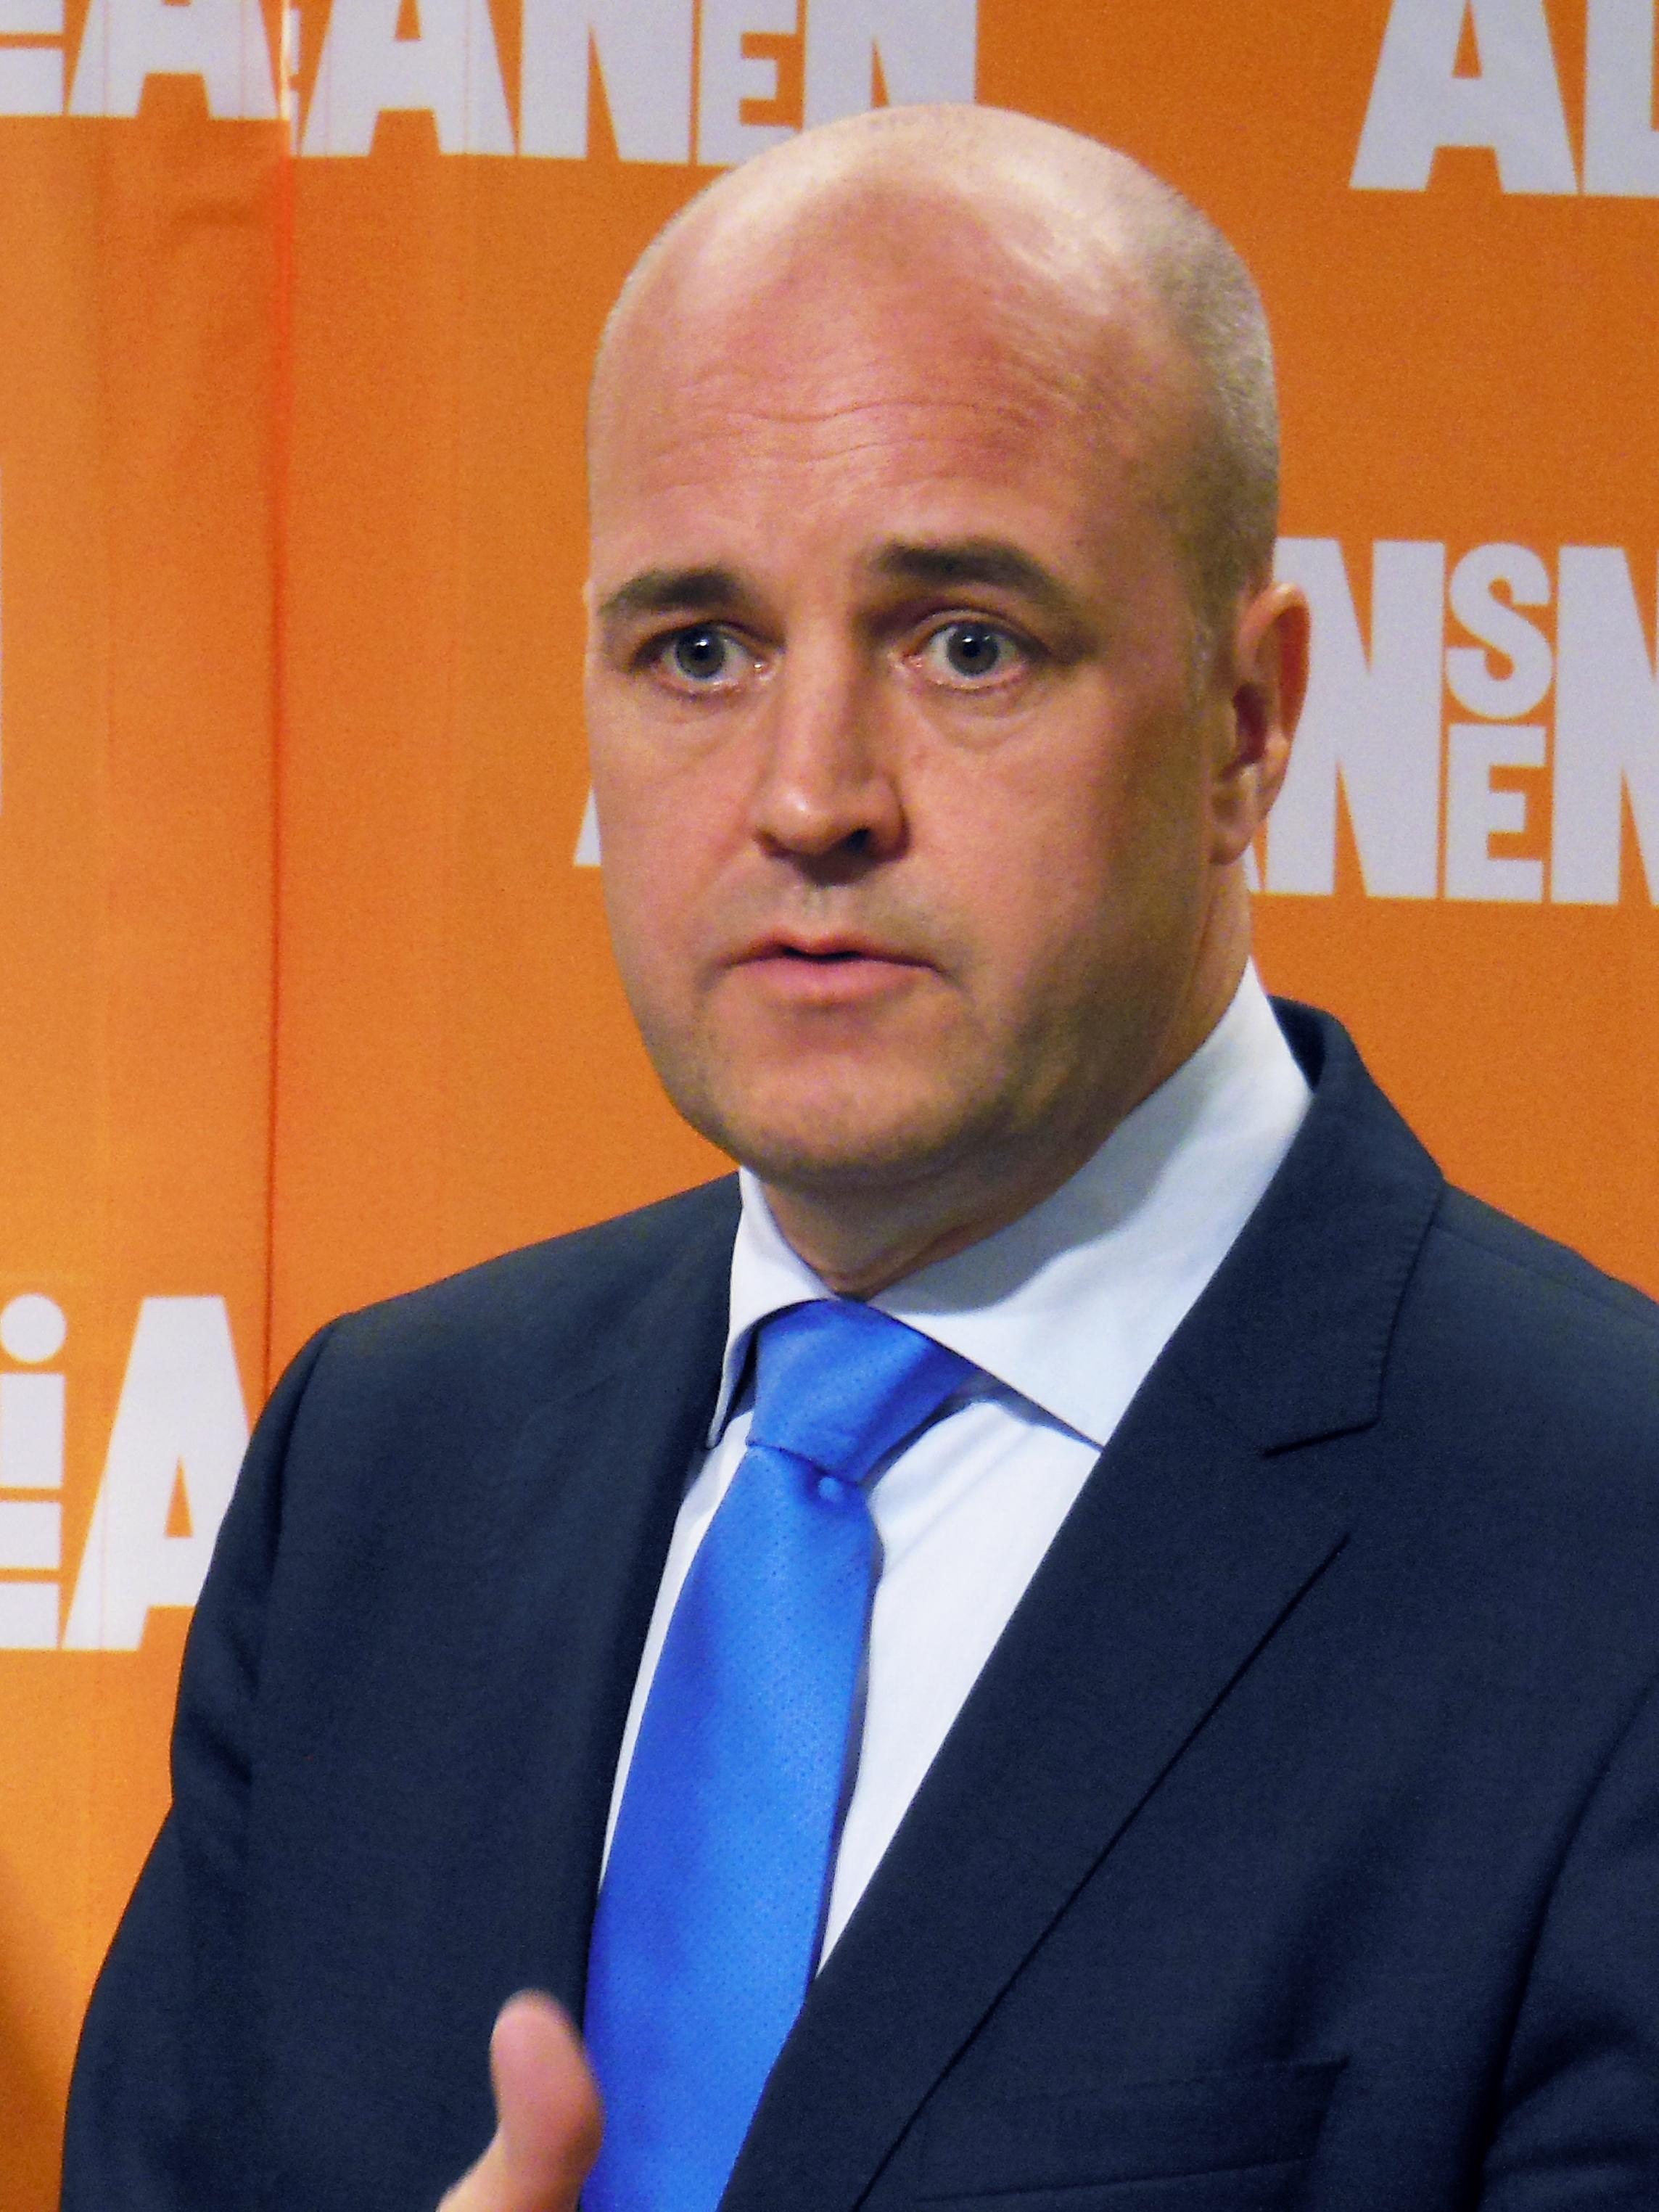 John Fredrik Reinfeldt